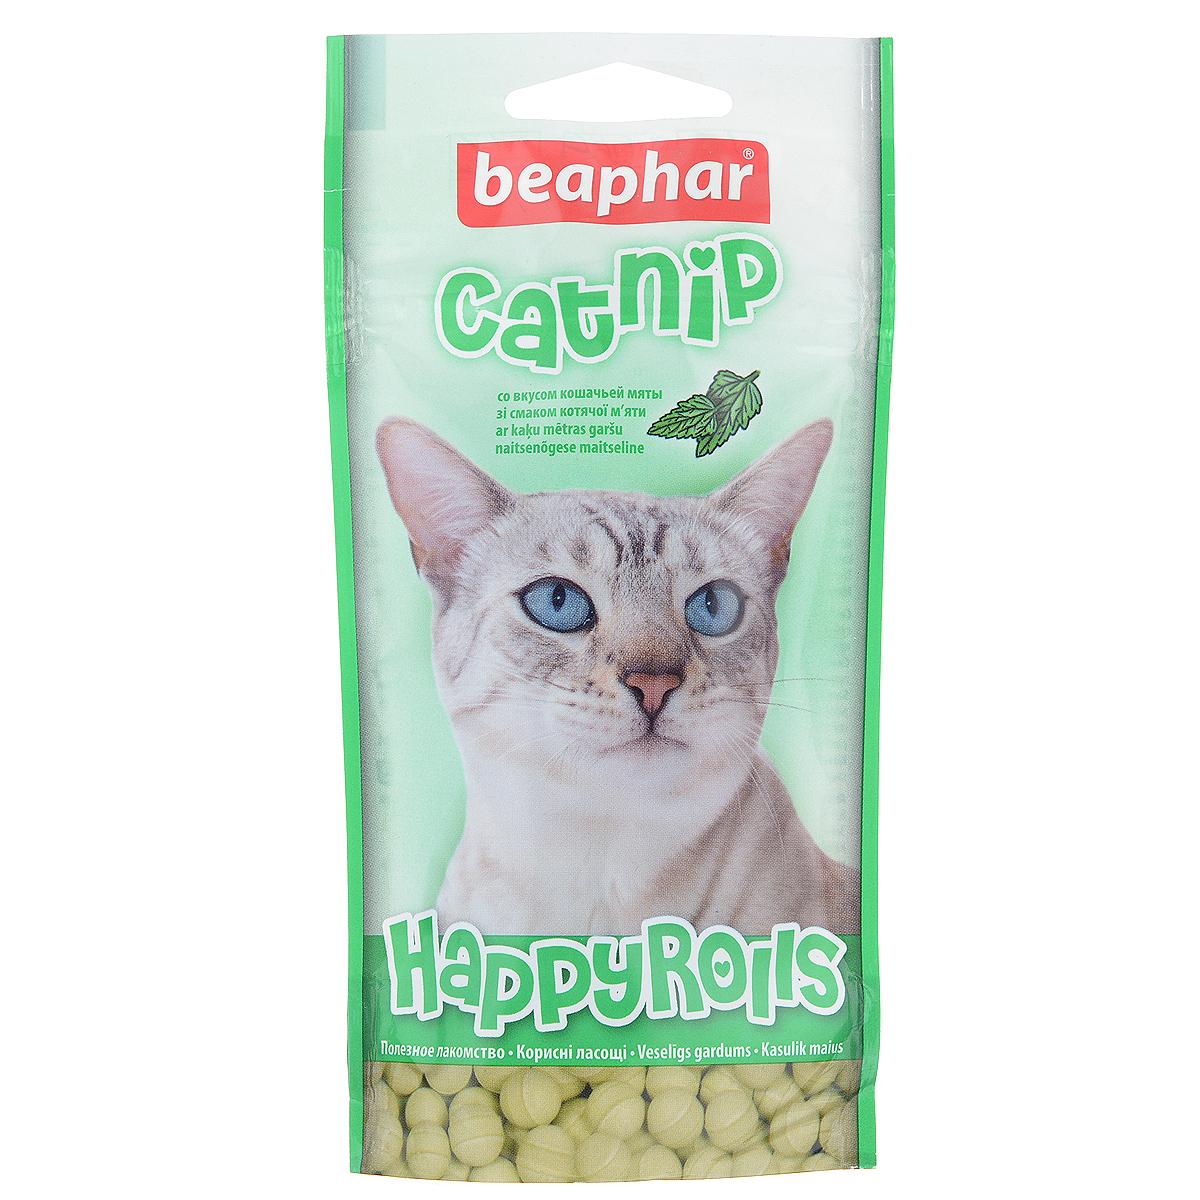 Лакомство для кошек Beaphar Catnip, с кошачьей мятой, 80 шт13186Лакомство Beaphar Catnip с кошачьей мятой предназначено для кошек. Лакомство улучшает настроение, а так же помогает уберечь кошку от стрессов. Содержит минералы, благотворно влияющие на организм кошек и котят. Таурин поддерживает хорошее зрение и здоровое сердце. Применять с 6 месячного возраста. Состав: молоко и молочные продукты (> 1,3% сыр), сахар, минеральные вещества, мясо и мясные субпродукты (> 1,3% печень), моллюски и ракообразные (> 1,3% креветки), дрожжи, продукты растительного происхождения (> 1,3% кошачья мята).Добавки: таурин - 313 мг/кг. Анализ: зола - 13,0%, протеин - 7,8%, клетчатка - 7,4%, влажность - 4,7%, жиры - 2,8%, кальций - 1,8%, фосфор - 1,3%, натрий - 0,2%, калий - 0,02%.Количество: 80 шт. Товар сертифицирован.